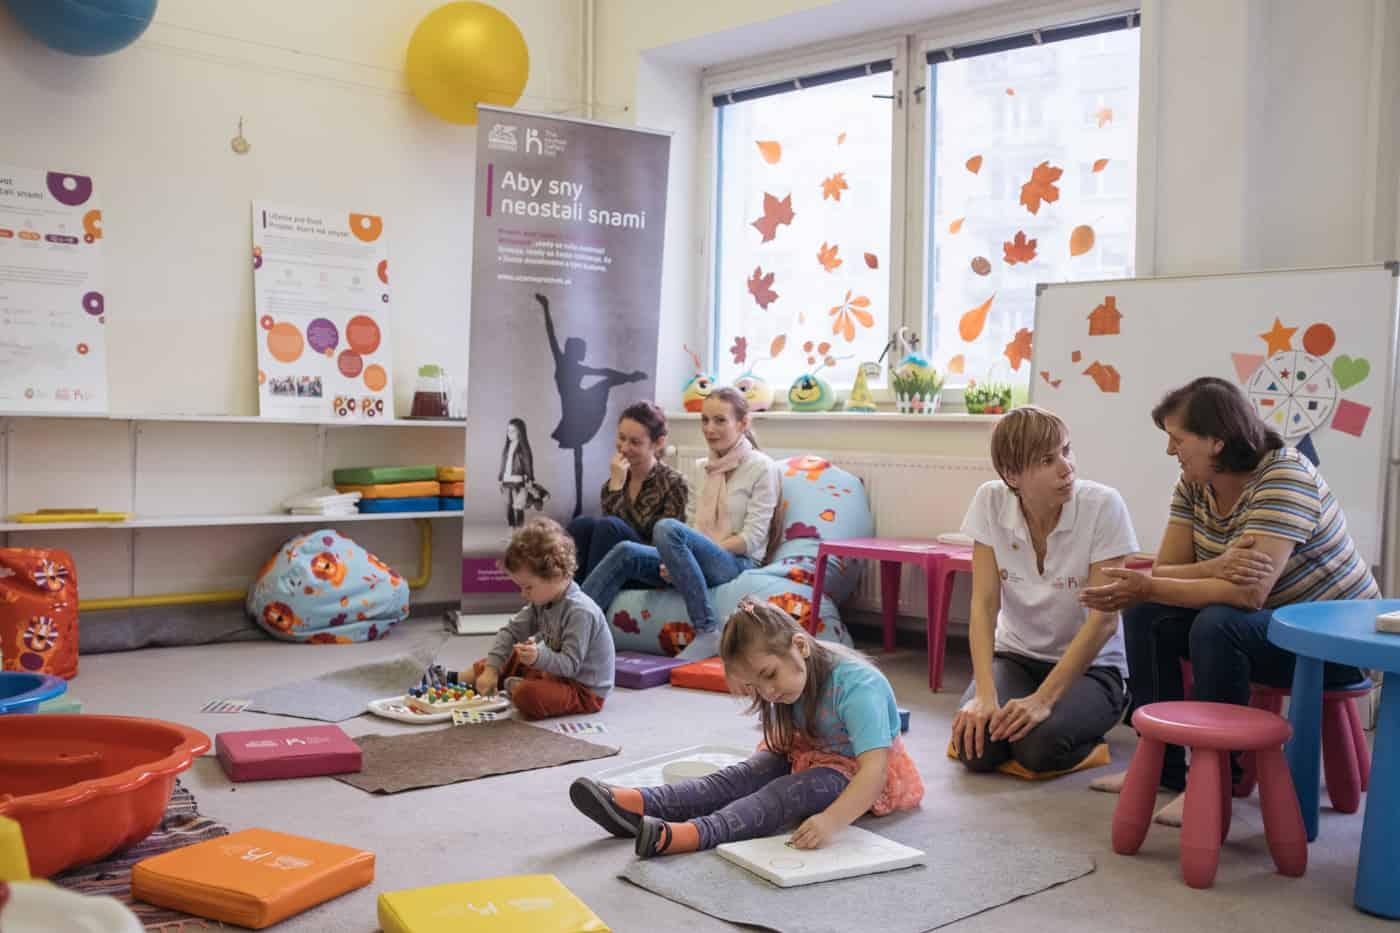 Rozhovor so sociálnou poradkyňou Idou Želinskou o tom, ako je možné spájať ľudí k tomu aby rôzne deti mali rovné šance